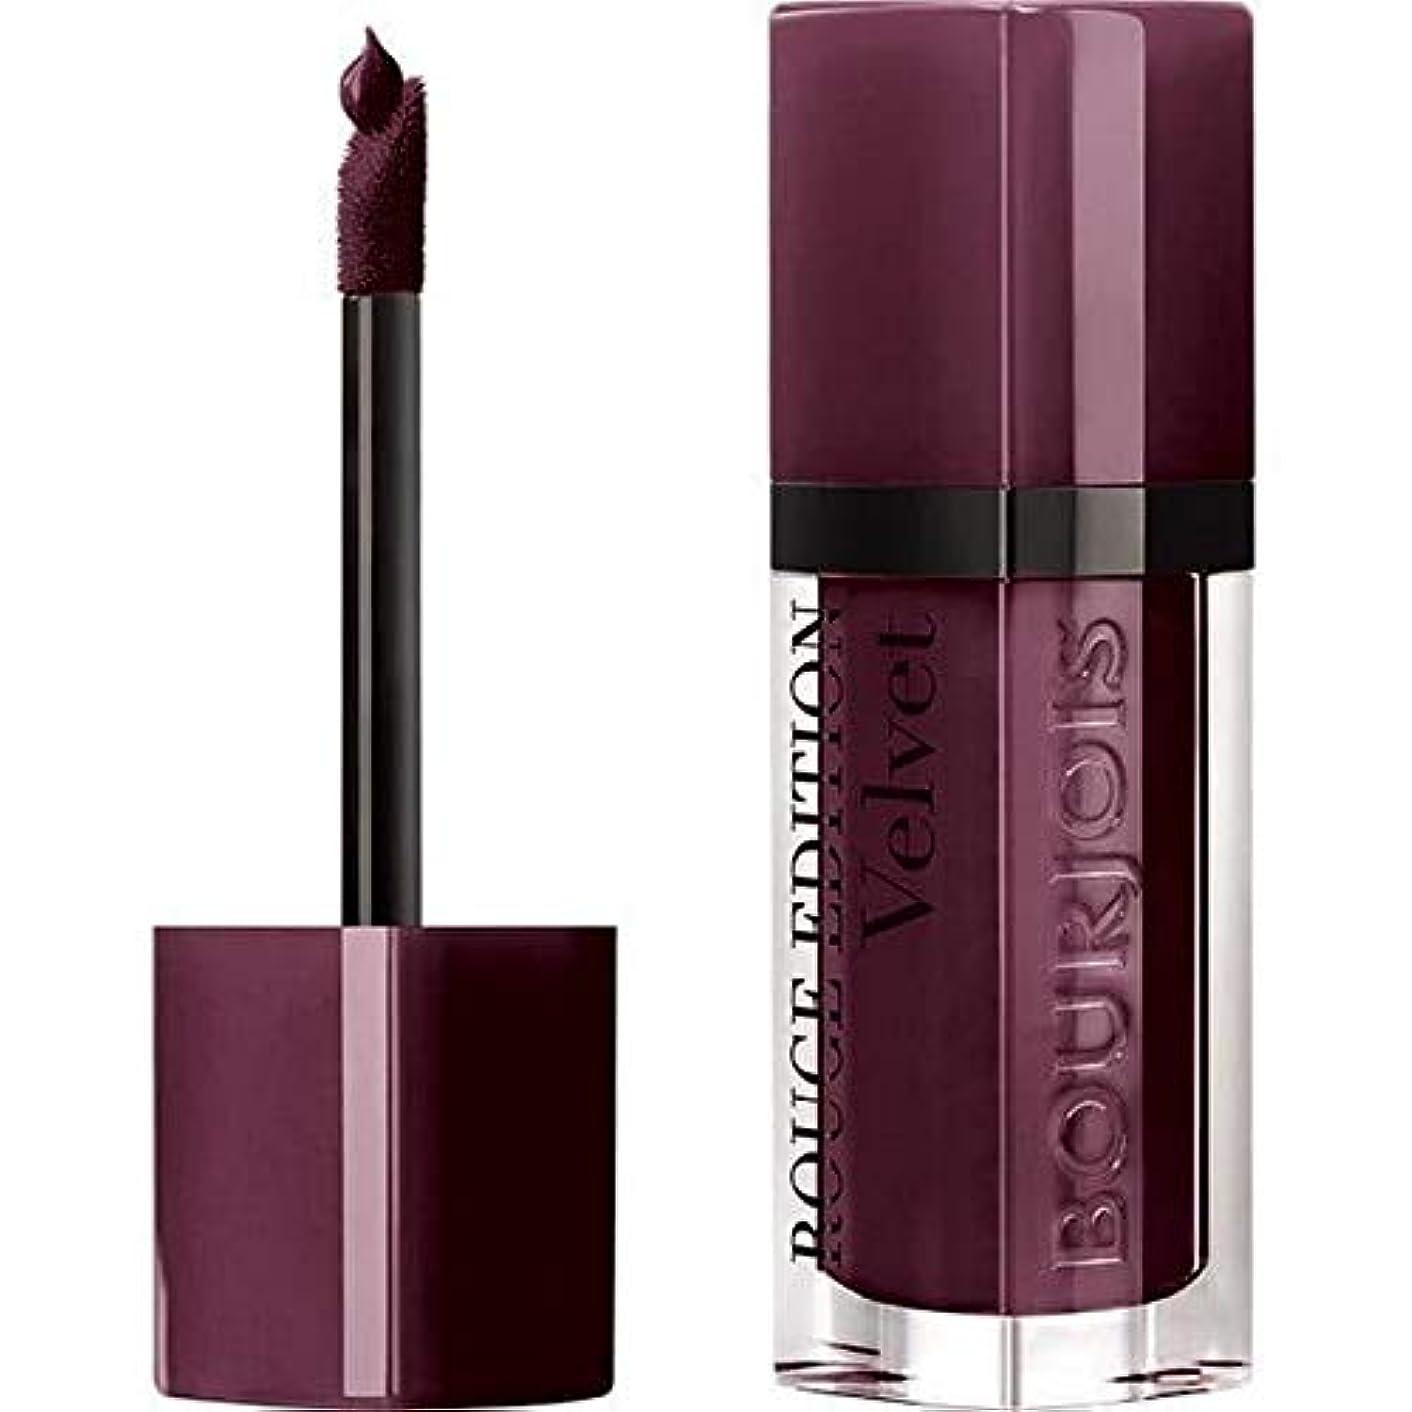 故国生む適応的[Bourjois ] ブルジョワ口紅ルージュ版のベルベットのシックな25ベリー - Bourjois Lipstick Rouge Edition Velvet 25 Berry Chic [並行輸入品]